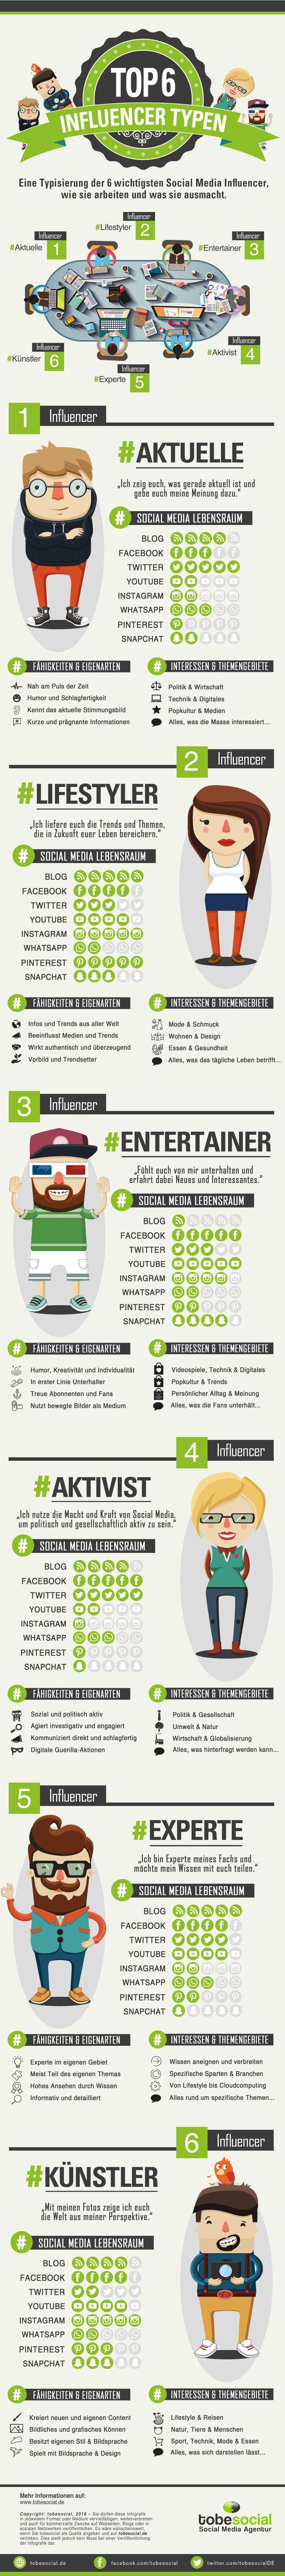 Top Social Media Influencer Typen Infografik: Agentur für Influencer Marketing und Empfehlungsmarketing via Social Media, auf Facebook, YouTube, Instagram, SnapChat, WhatsApp, Blogger Marketing, Blogger Relations. Social Media B2B und B2C, Agentur Word of Mouth Marketing